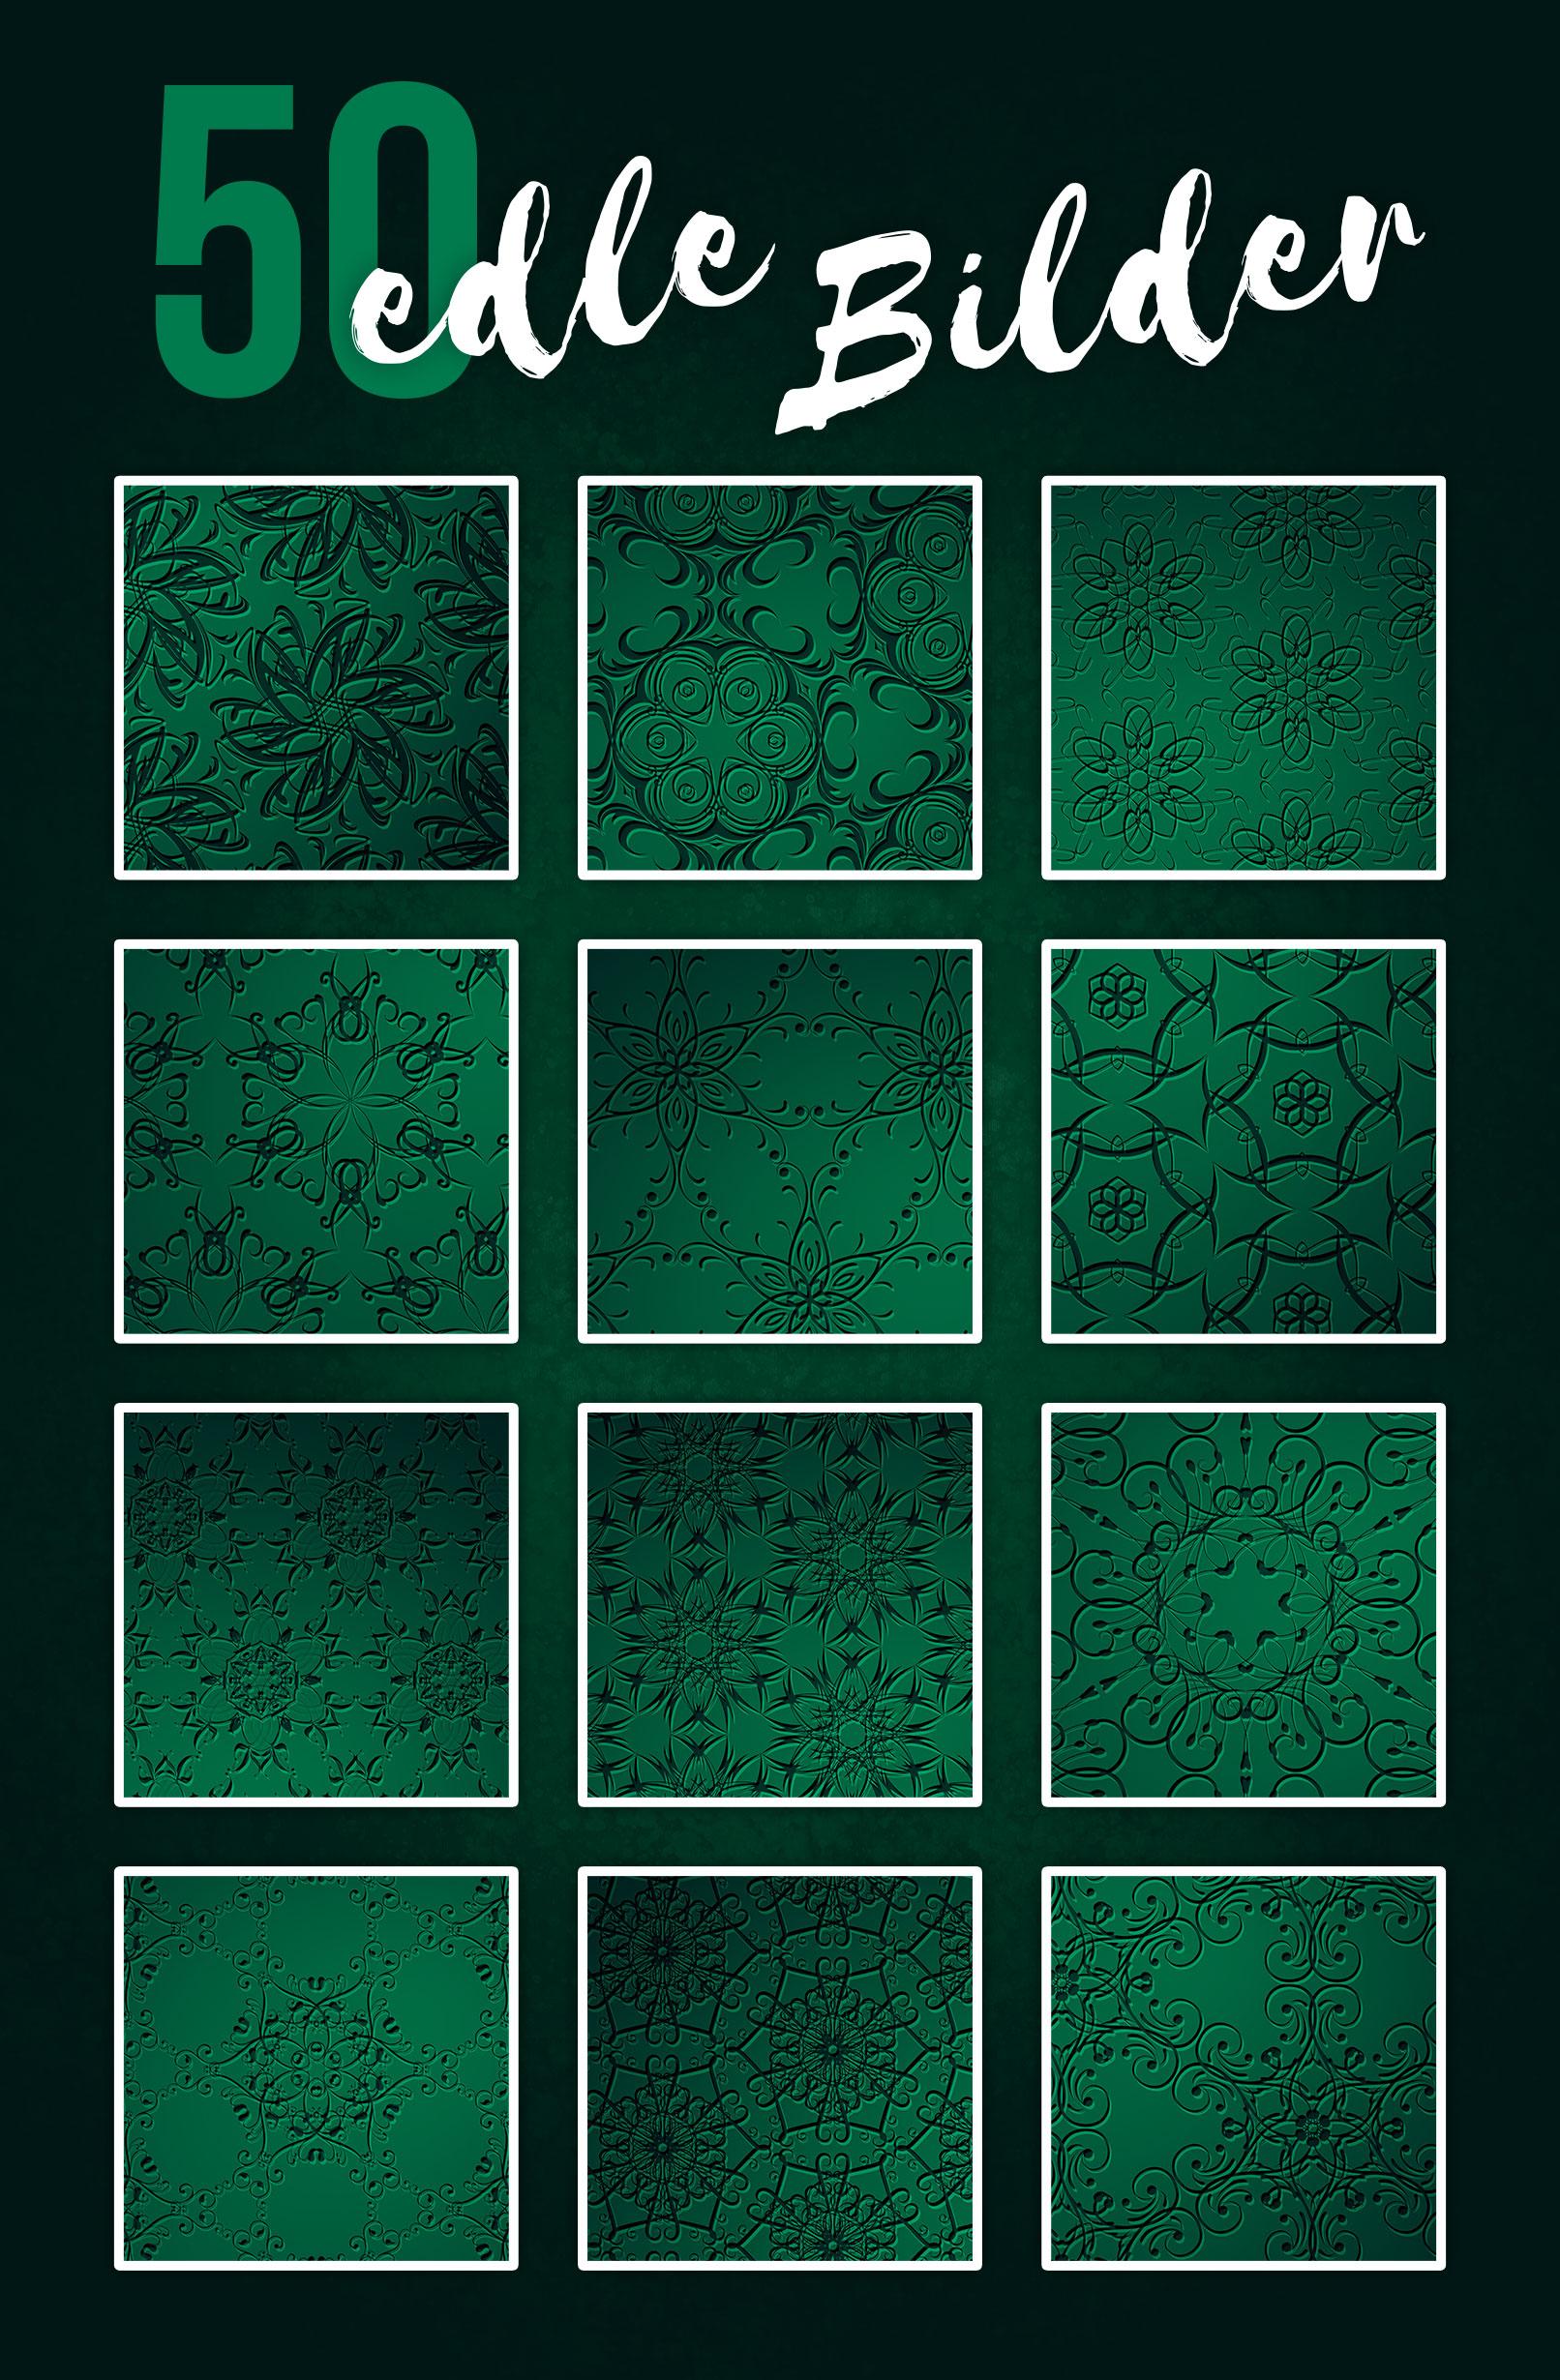 Grüne Hintergrundbilder mit Ornamenten